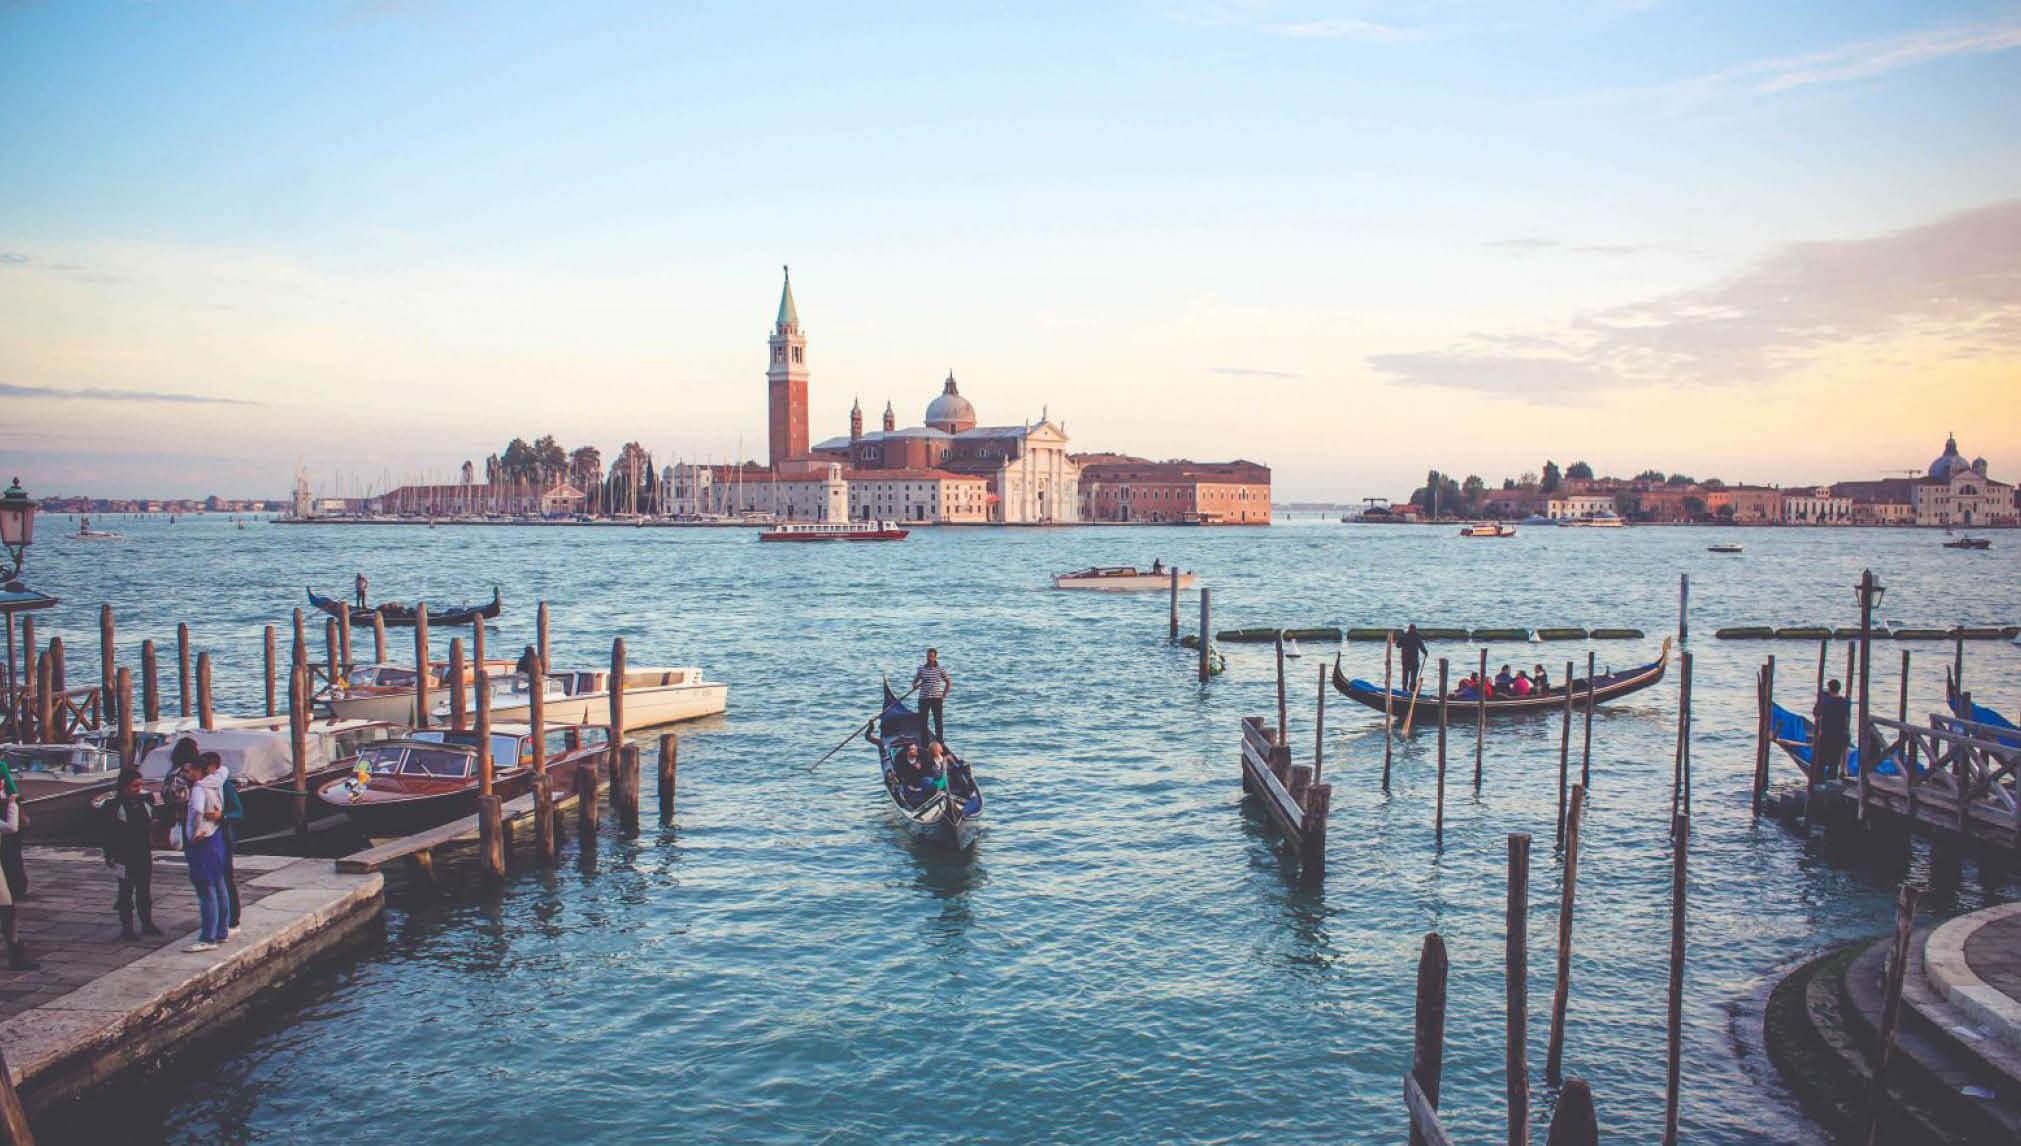 Drömmer du om Italien? Lär känna landets kultur genom studier!